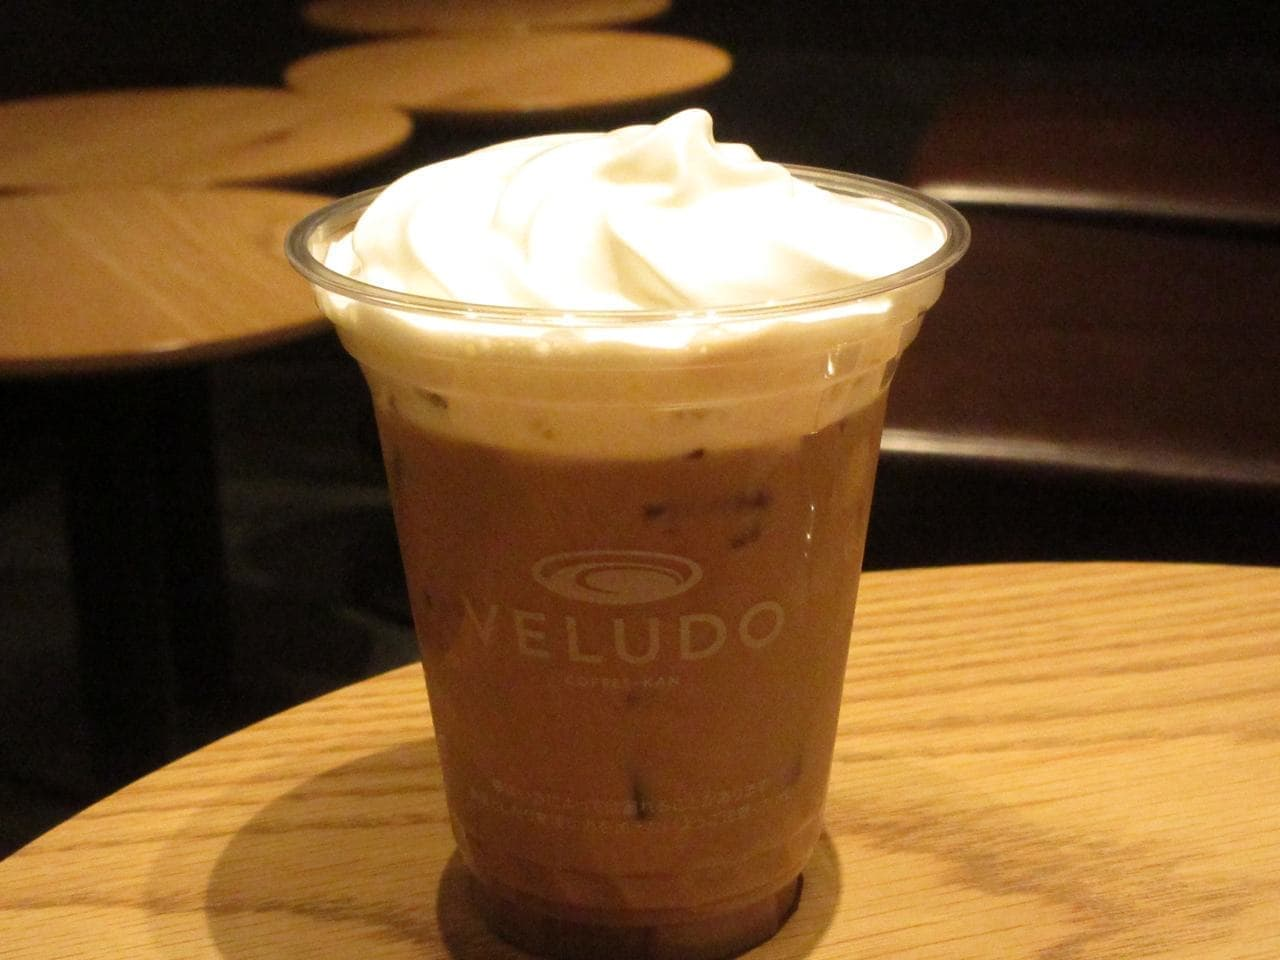 渋谷「ヴェルードコーヒーカン」の「VELUDOカフェオレ(ホット/アイス)」